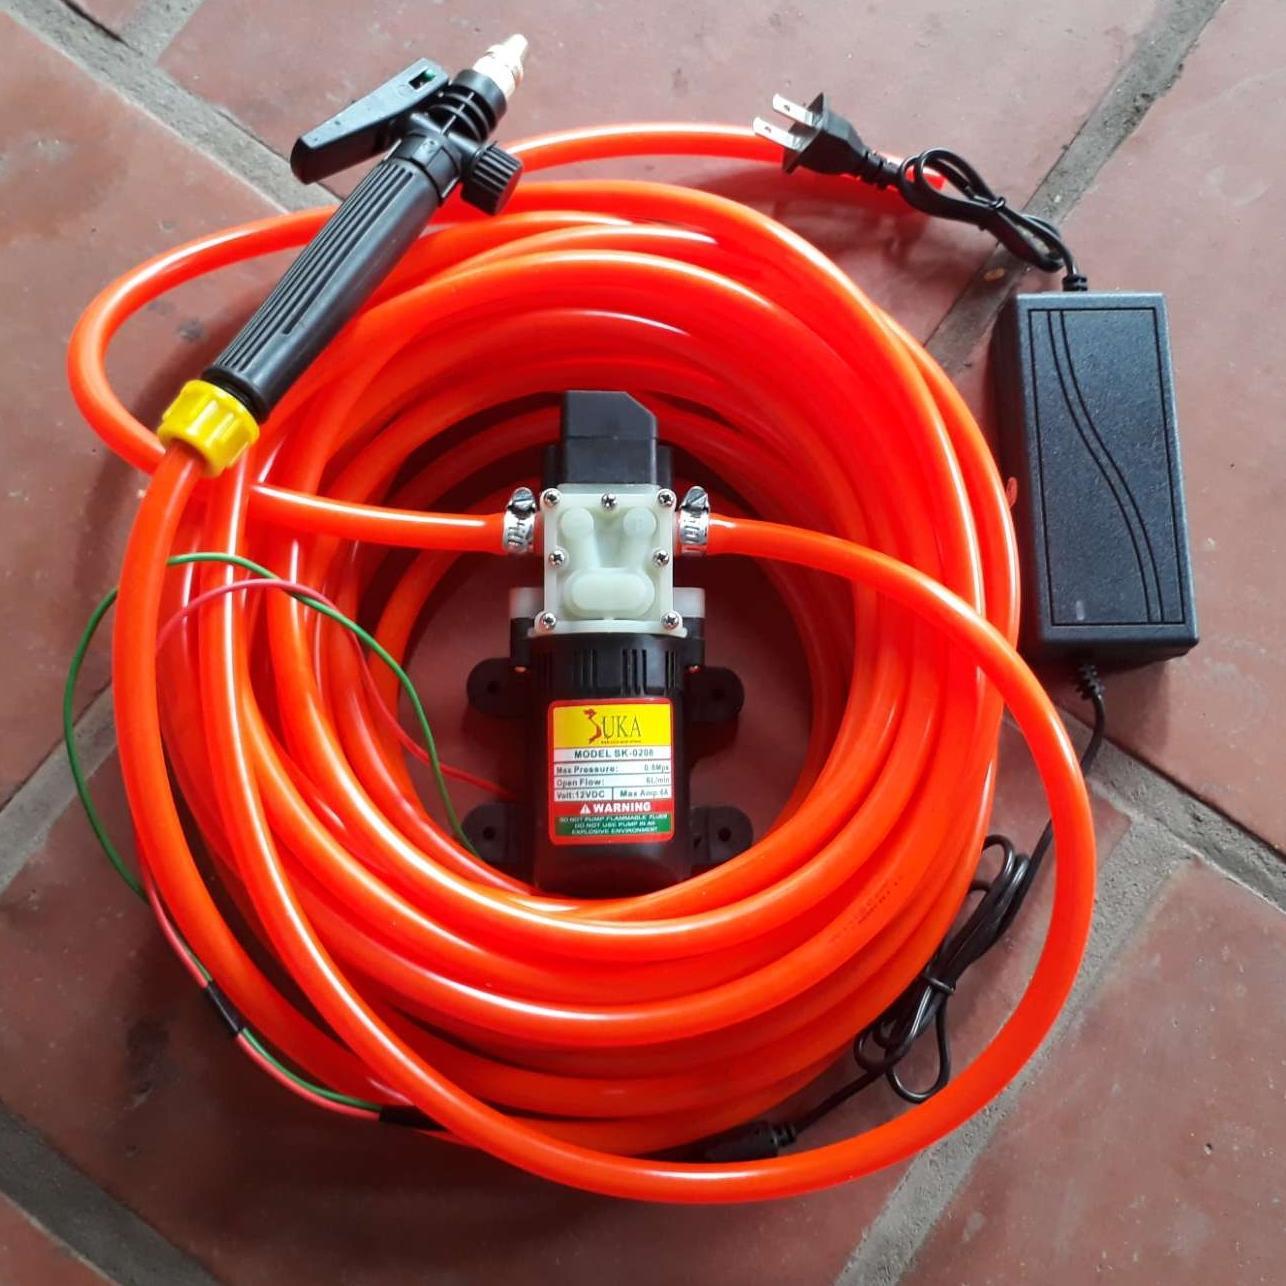 Hình ảnh Máy rửa xe mini CỰC MẠNH 6m dây - máy bơm nước mini 12v-rửa xe đa năng